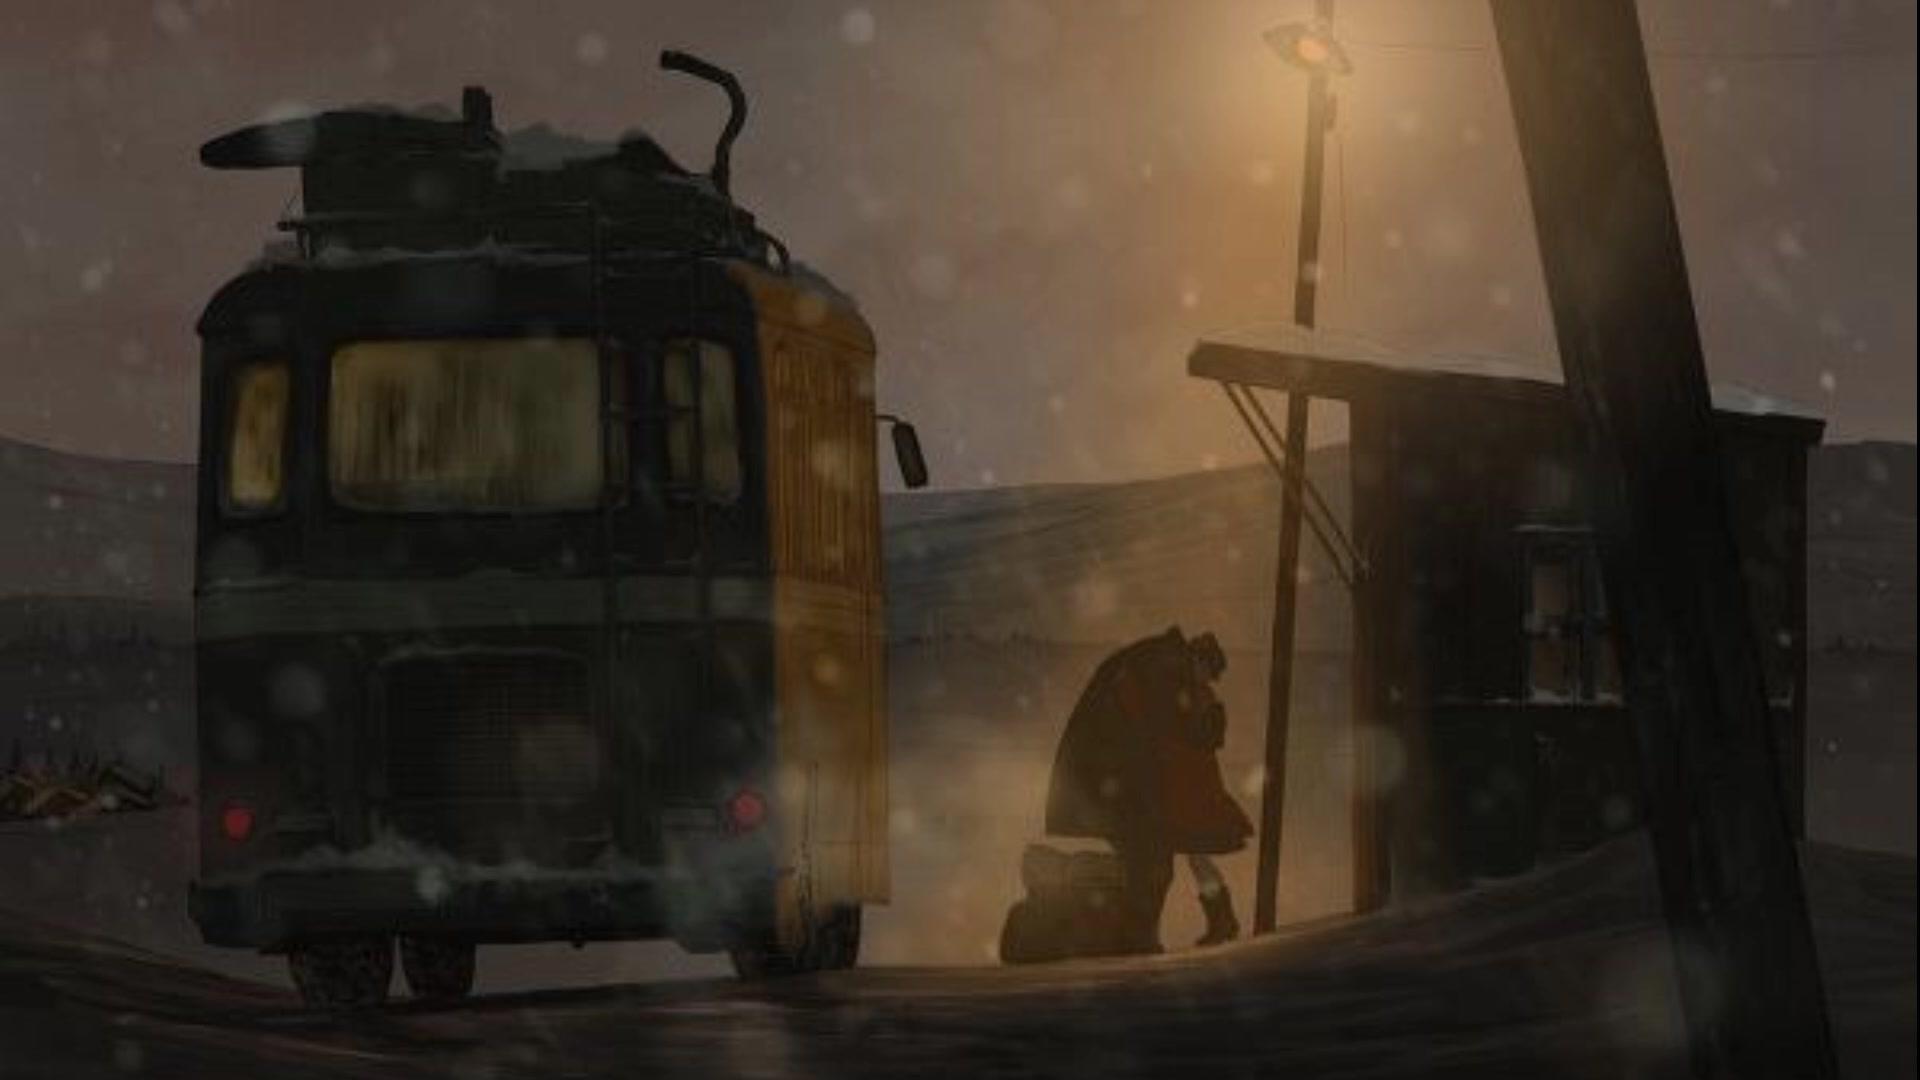 Hình ảnh đêm mùa đông đầy tâm trạng